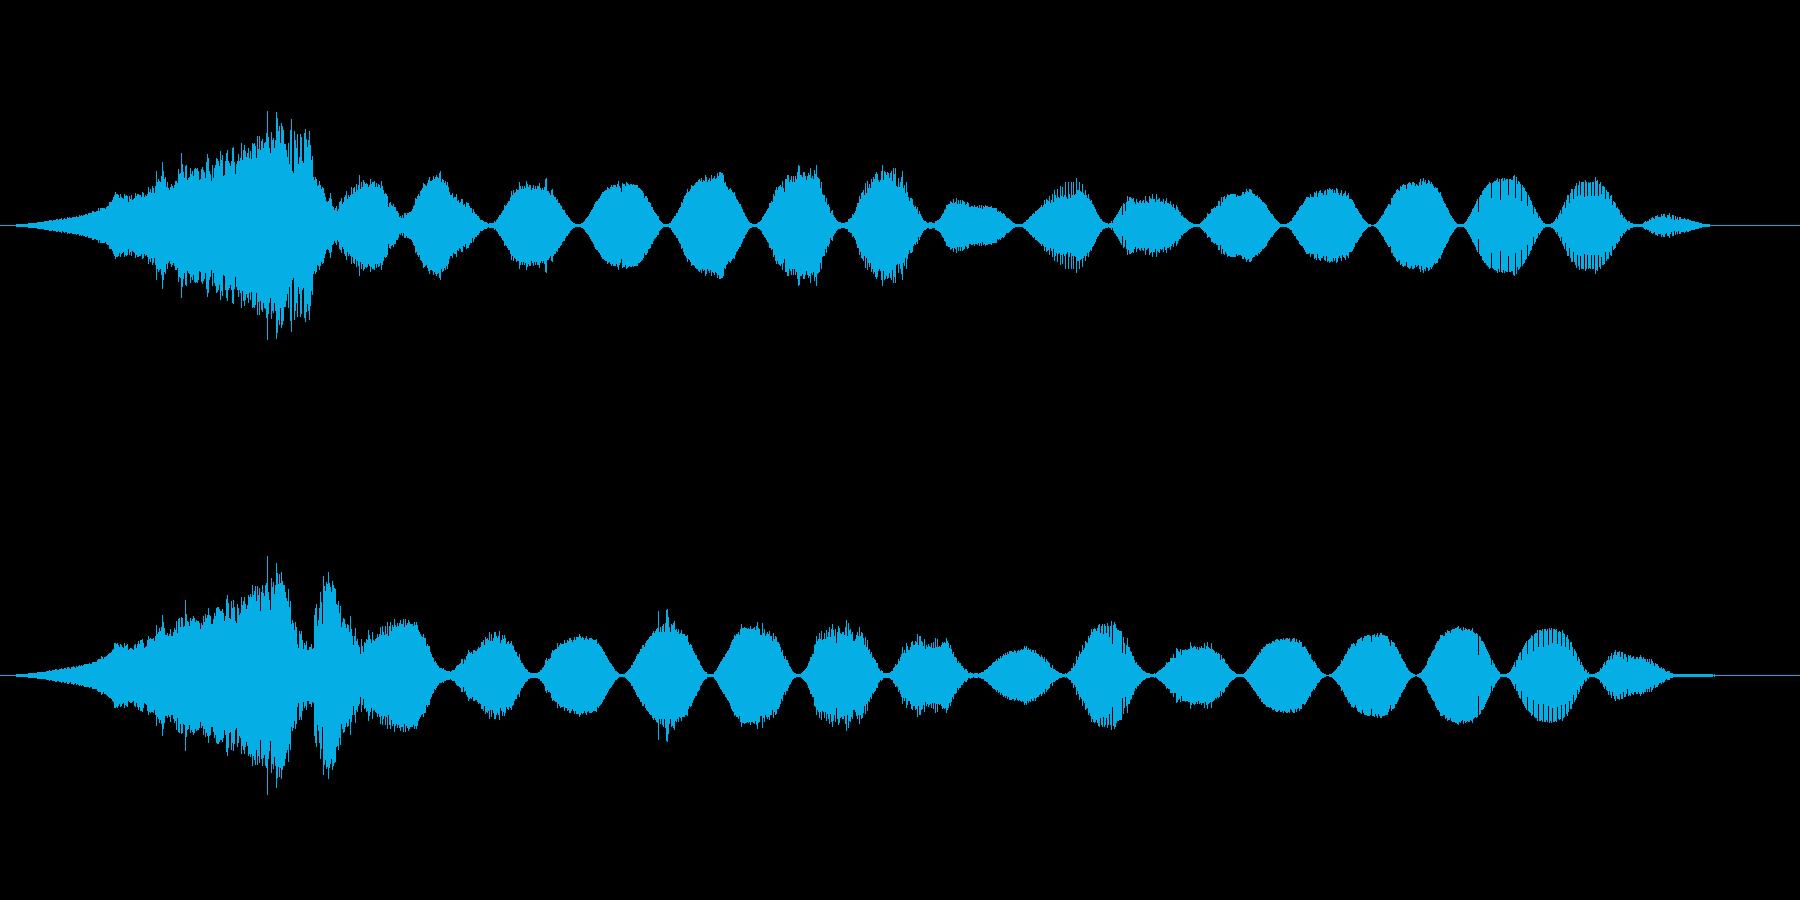 スペースレースの解消の昇順1の再生済みの波形